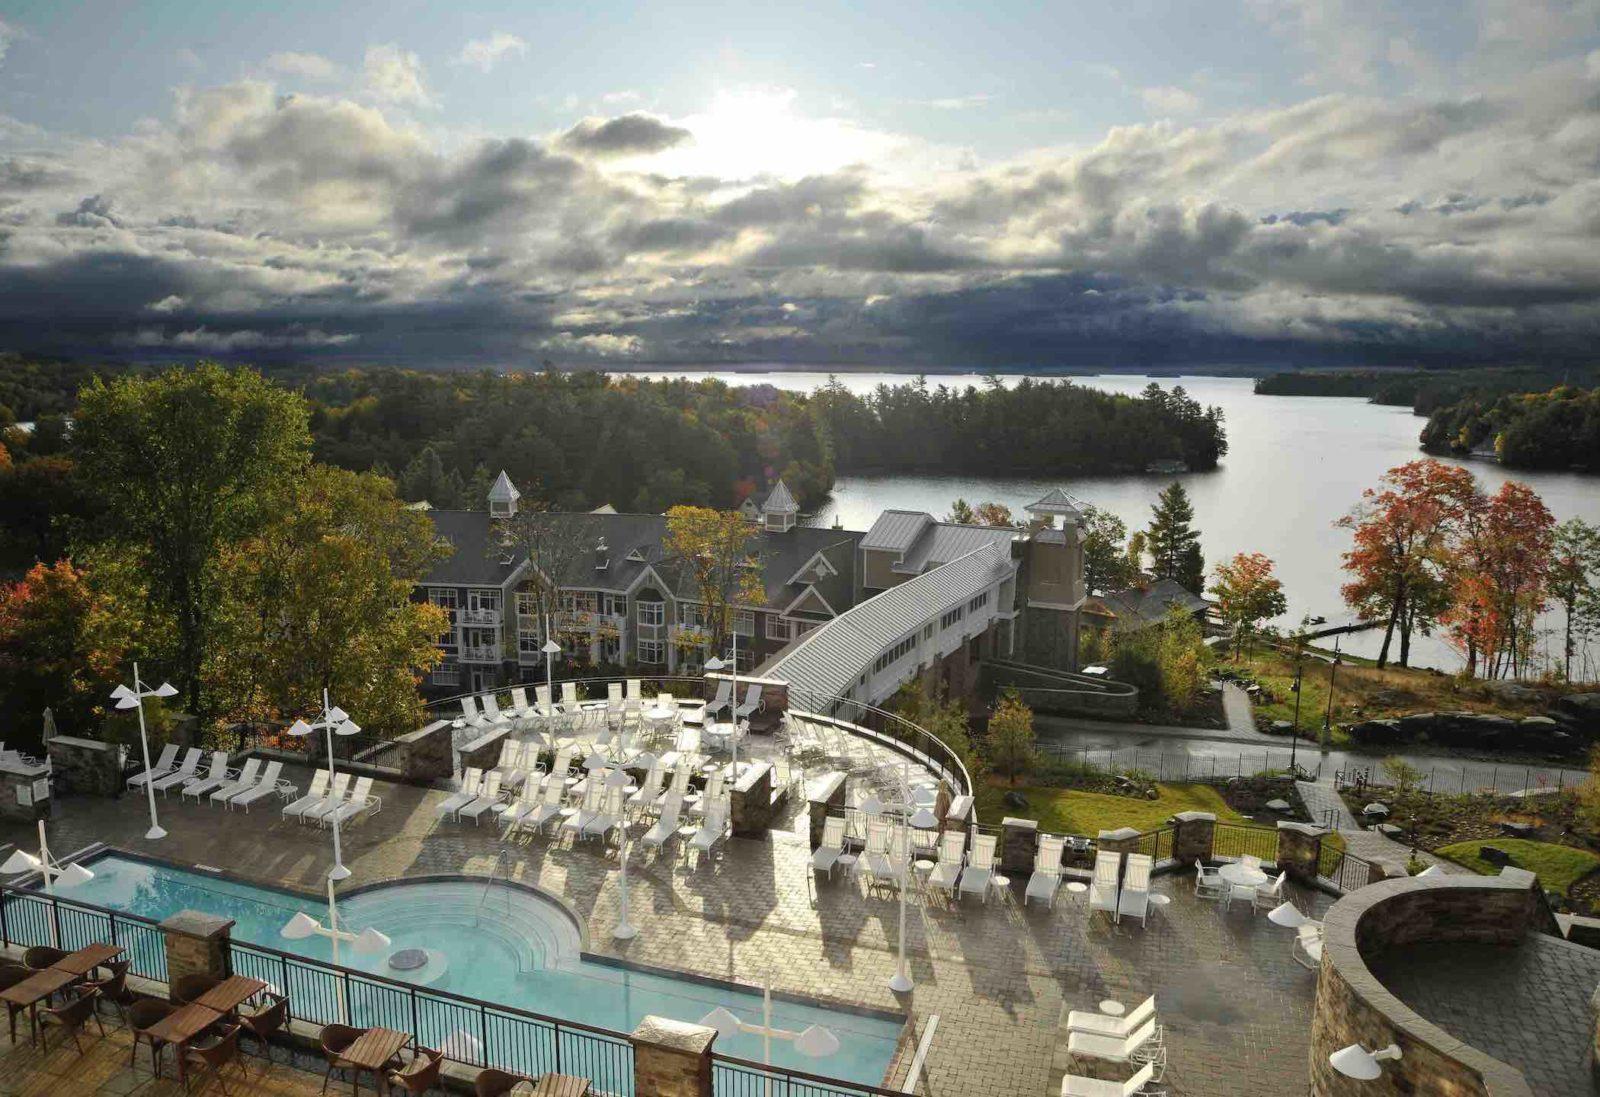 JW Marriott Rosseau Resort aerial view of one of the top Luxury Muskoka resorts